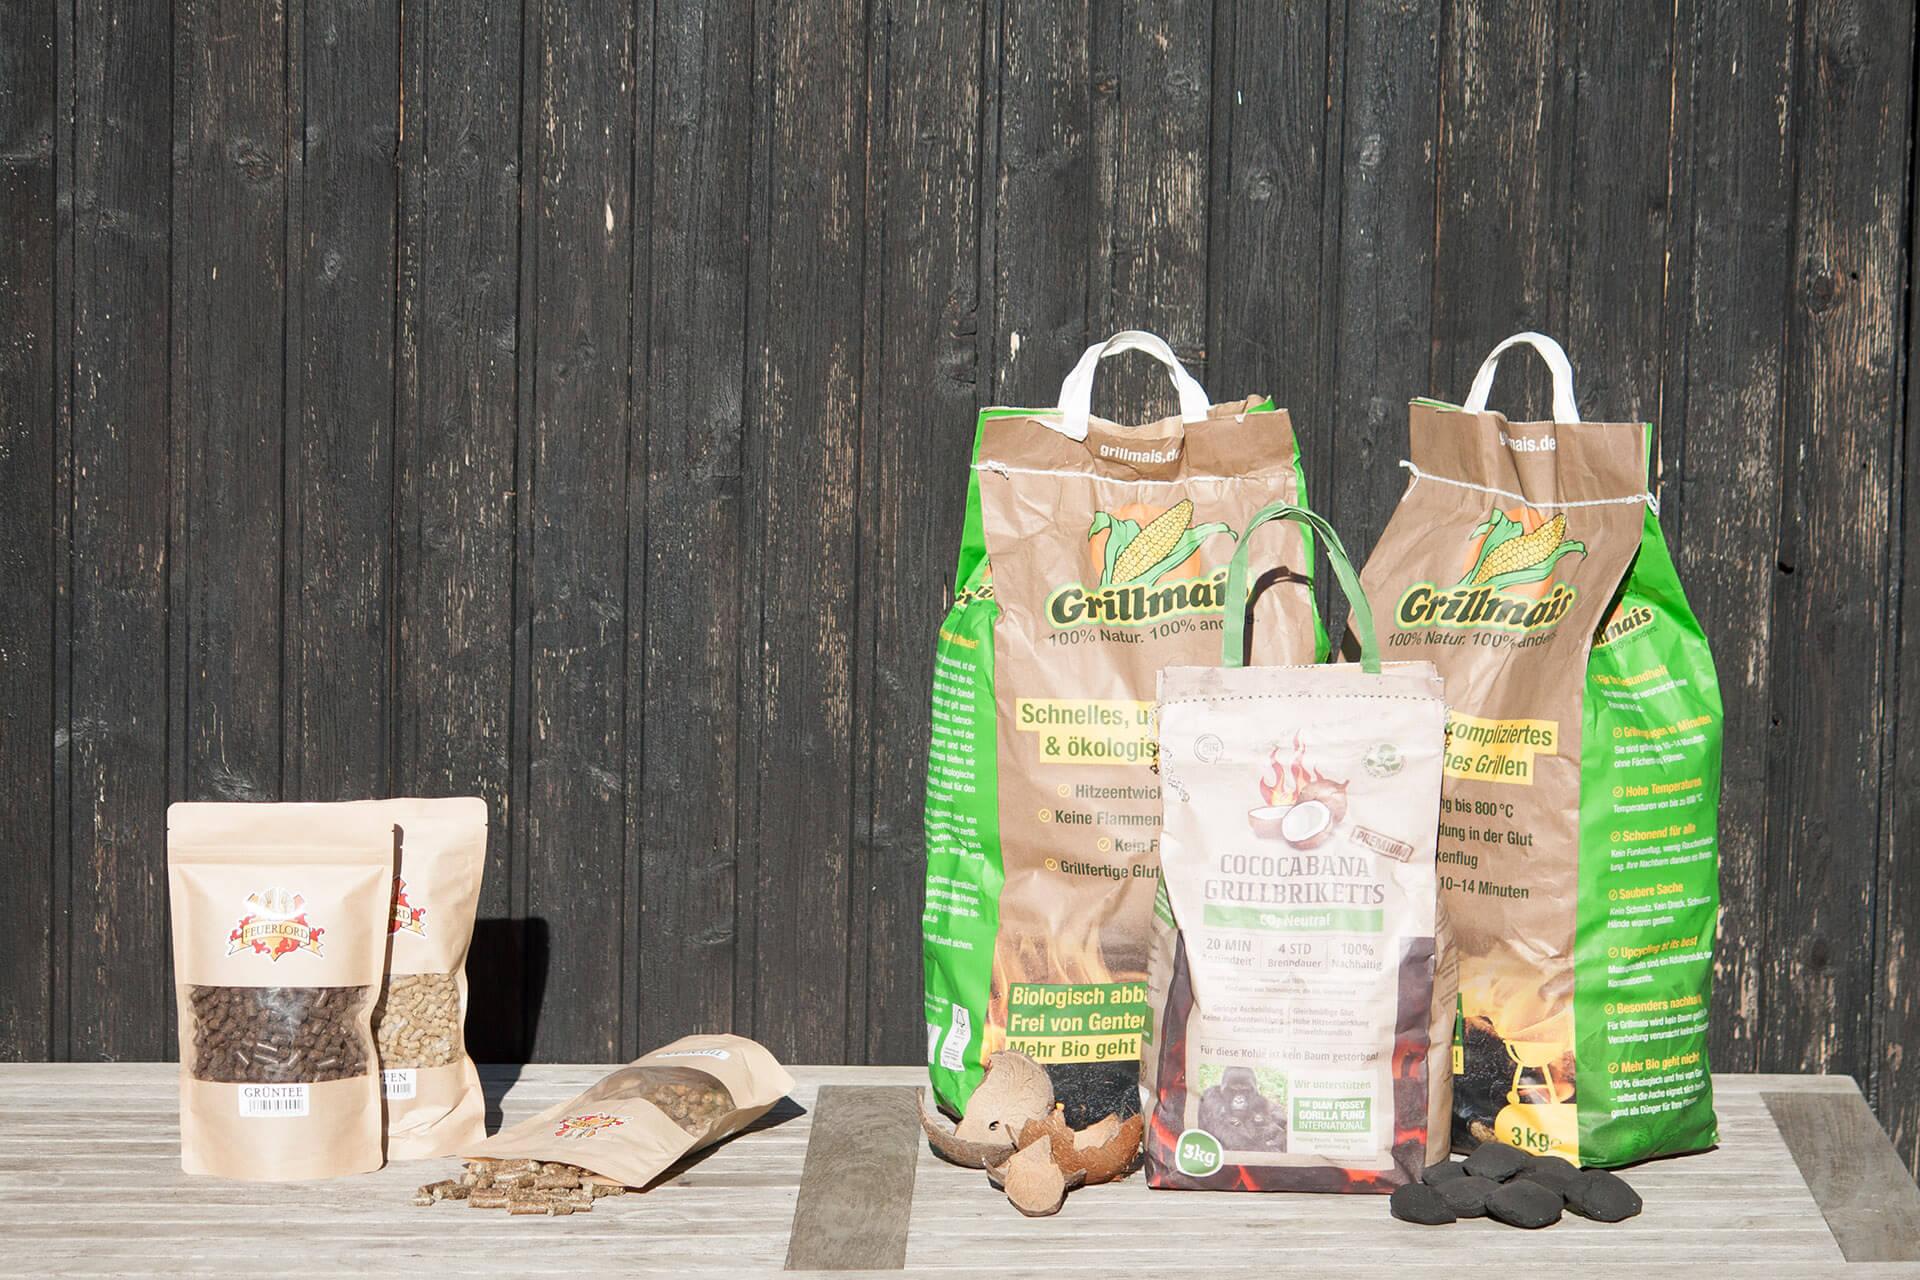 Feuerlord Produkte Grillmais, Räucherpellets und Cococabana Grillbriketts